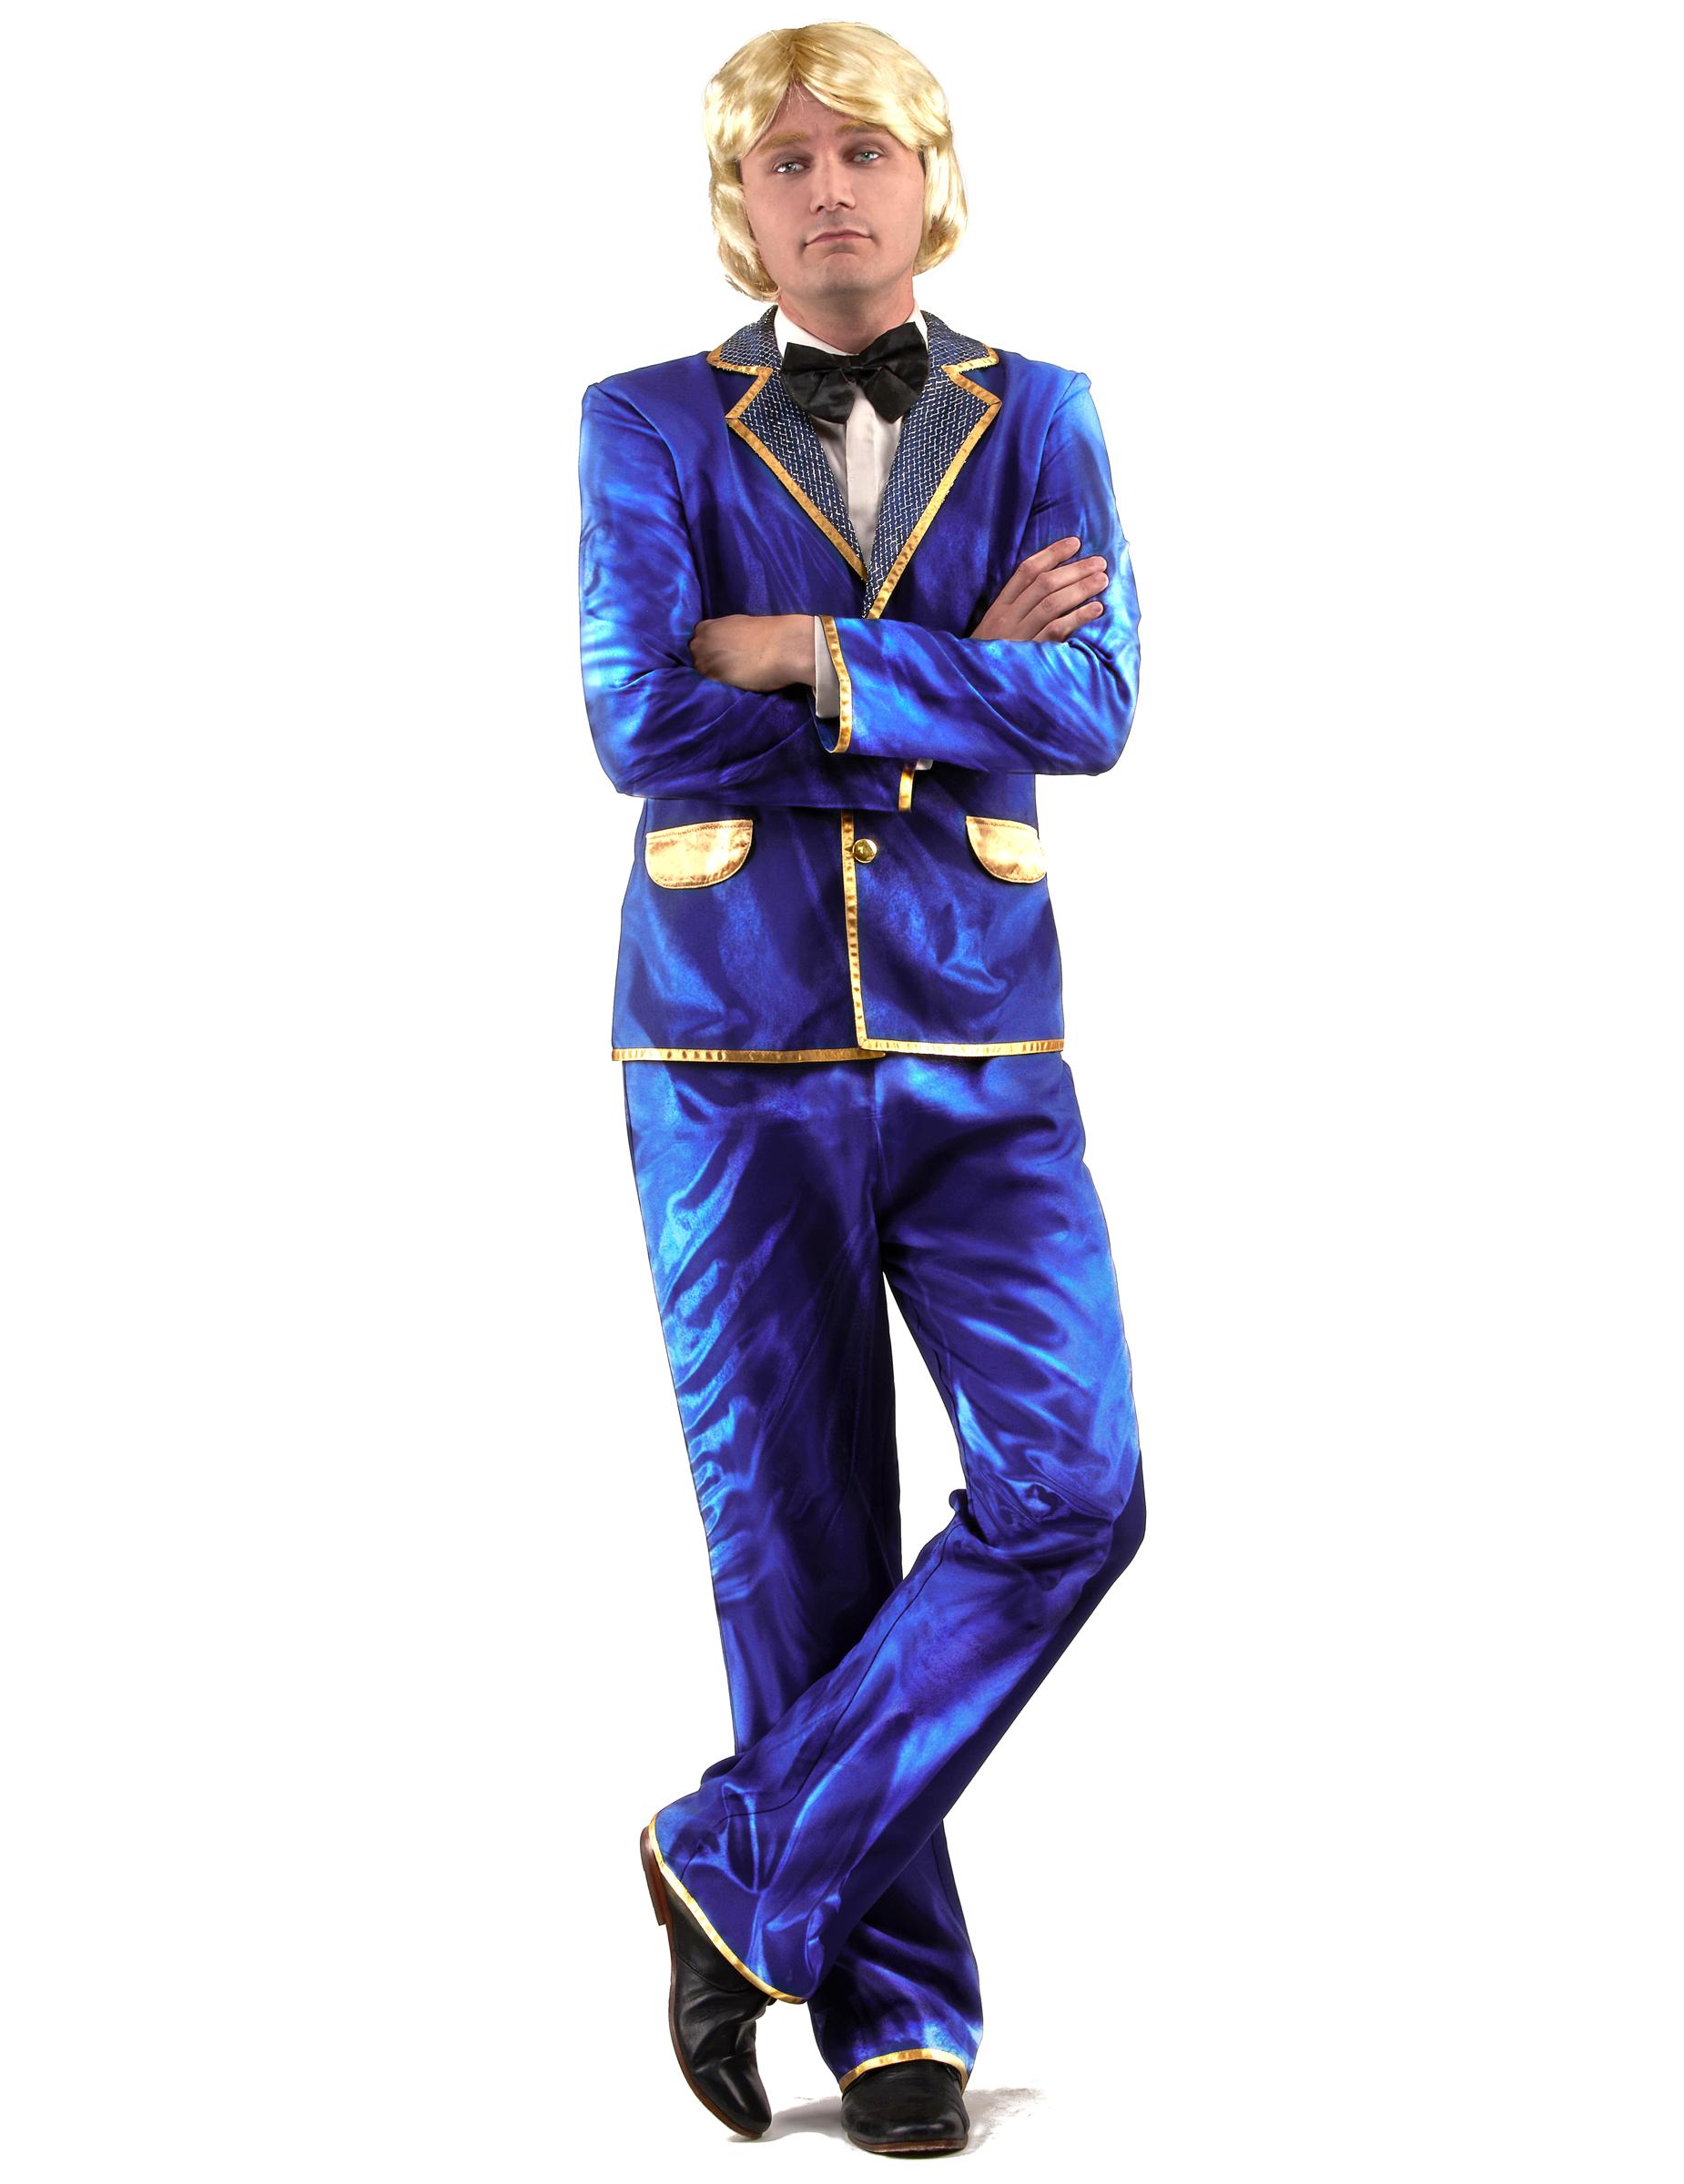 70er outfit disco herrenkost m blau gold g nstige faschings kost me bei karneval megastore. Black Bedroom Furniture Sets. Home Design Ideas